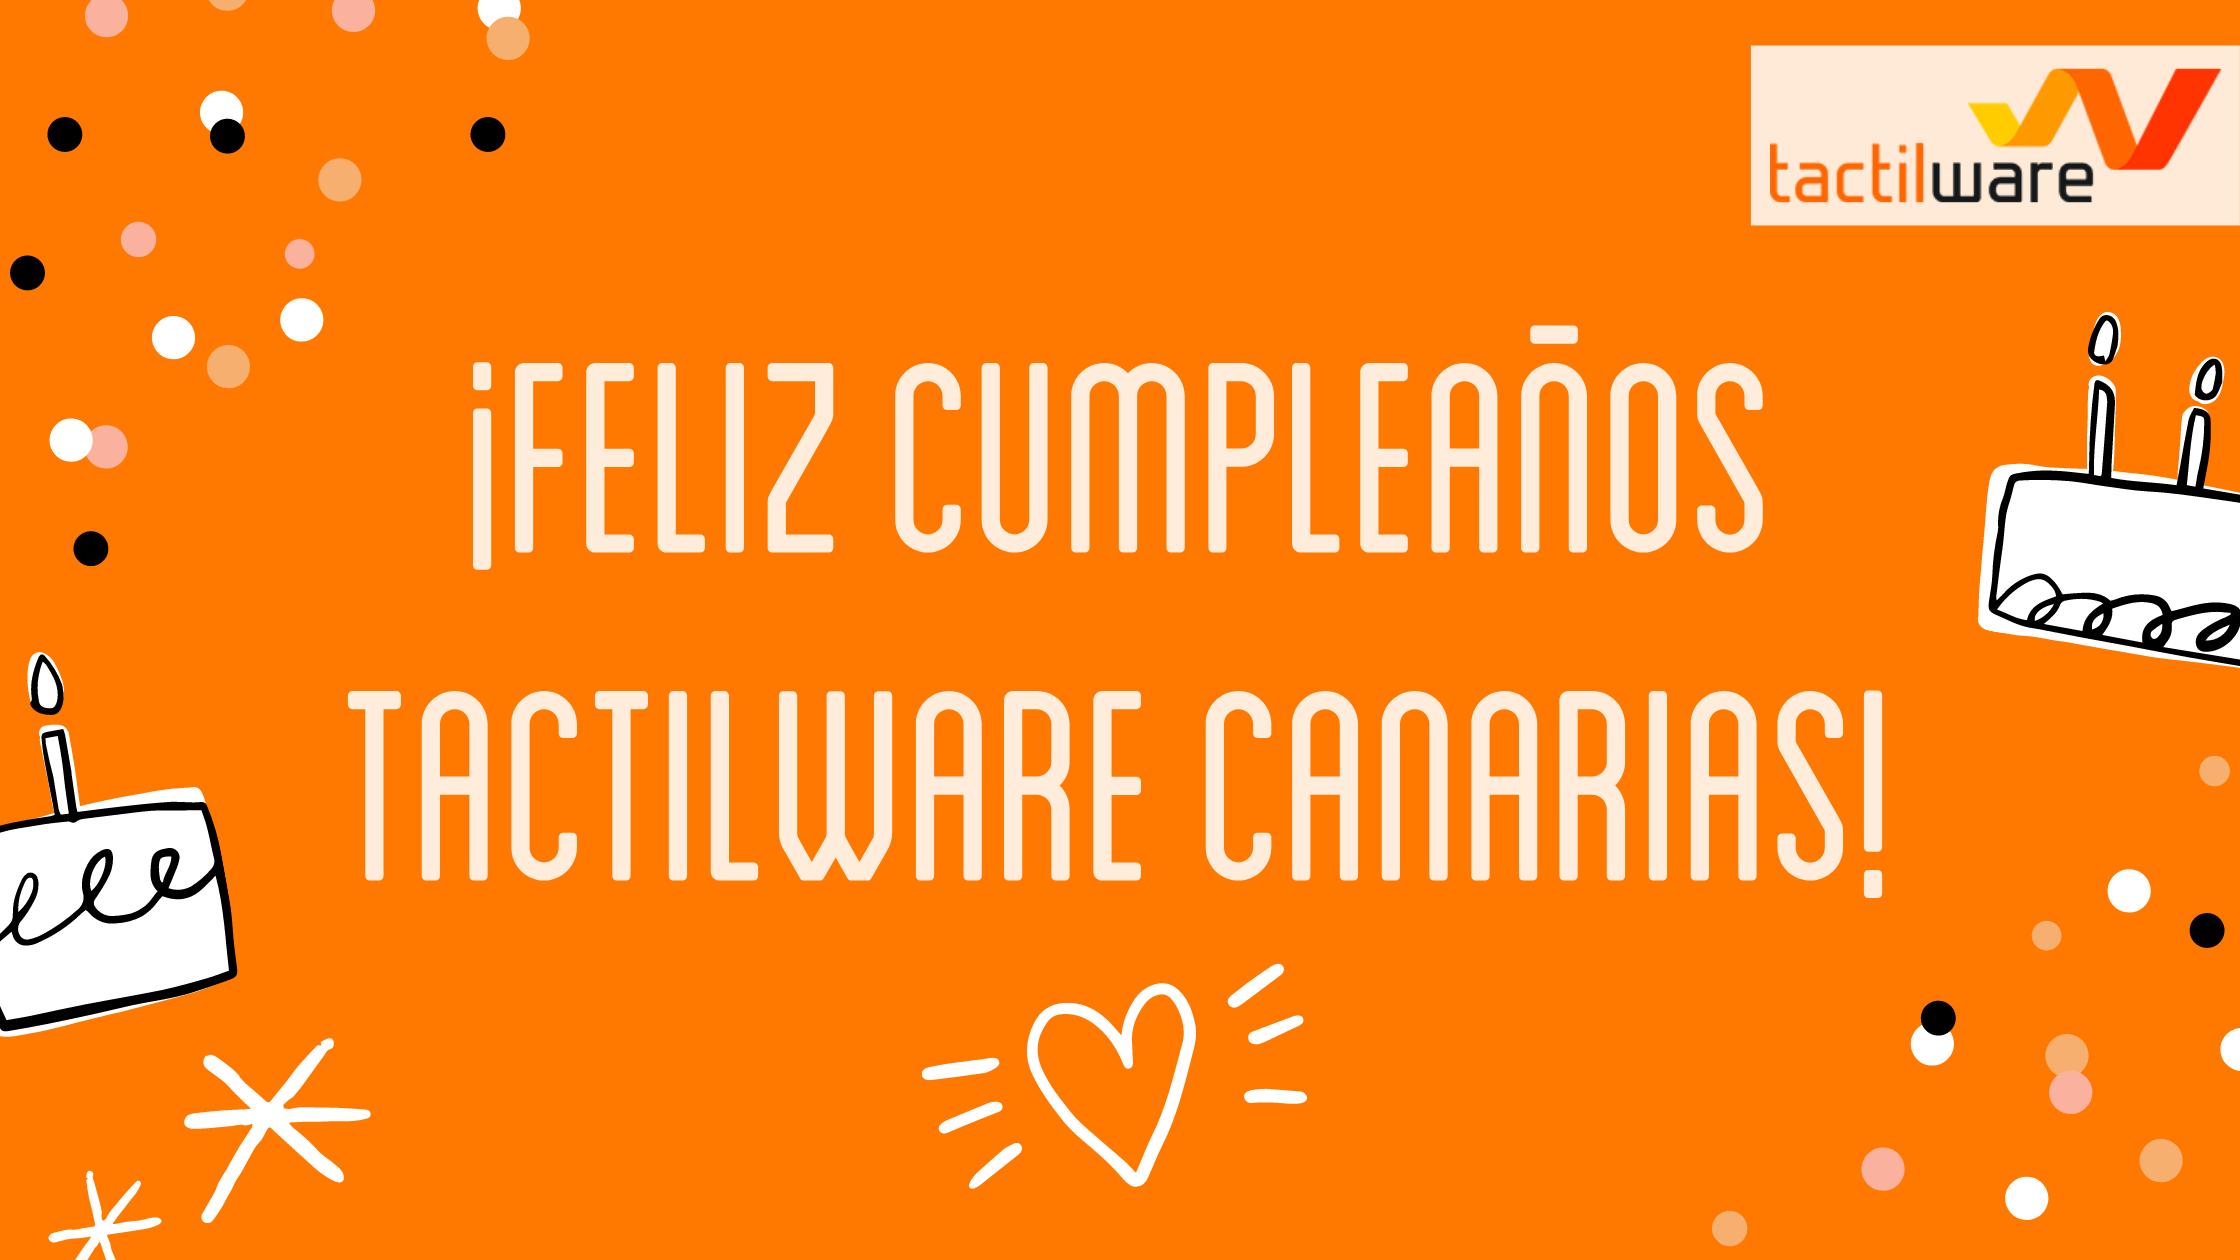 ¡Feliz cumpleaños Tactilware Canarias!